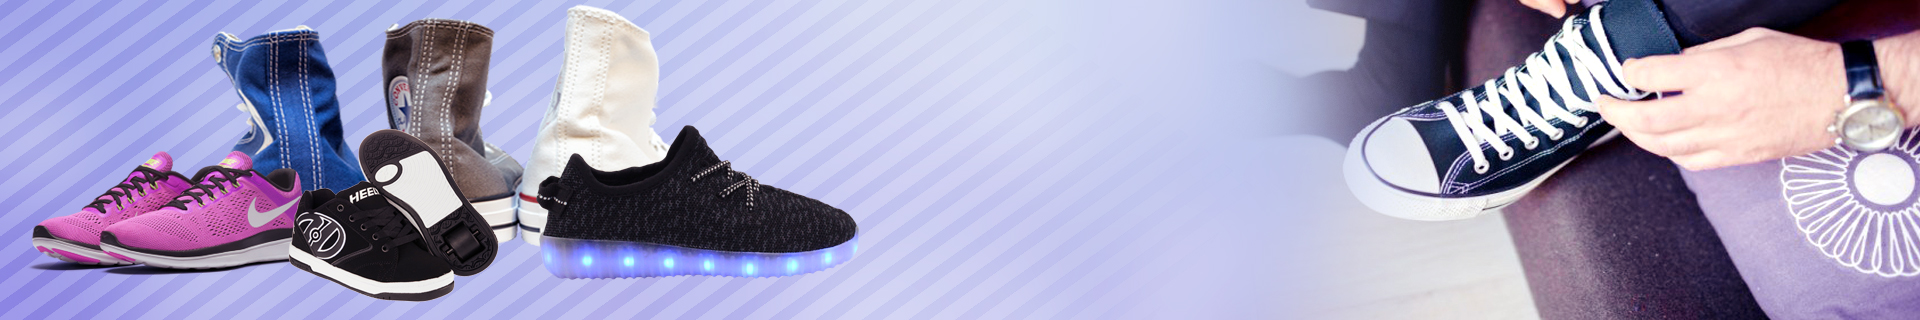 ▷ Classement & Guide D'Achat : Top Sneakers Femme En Févr. 2020